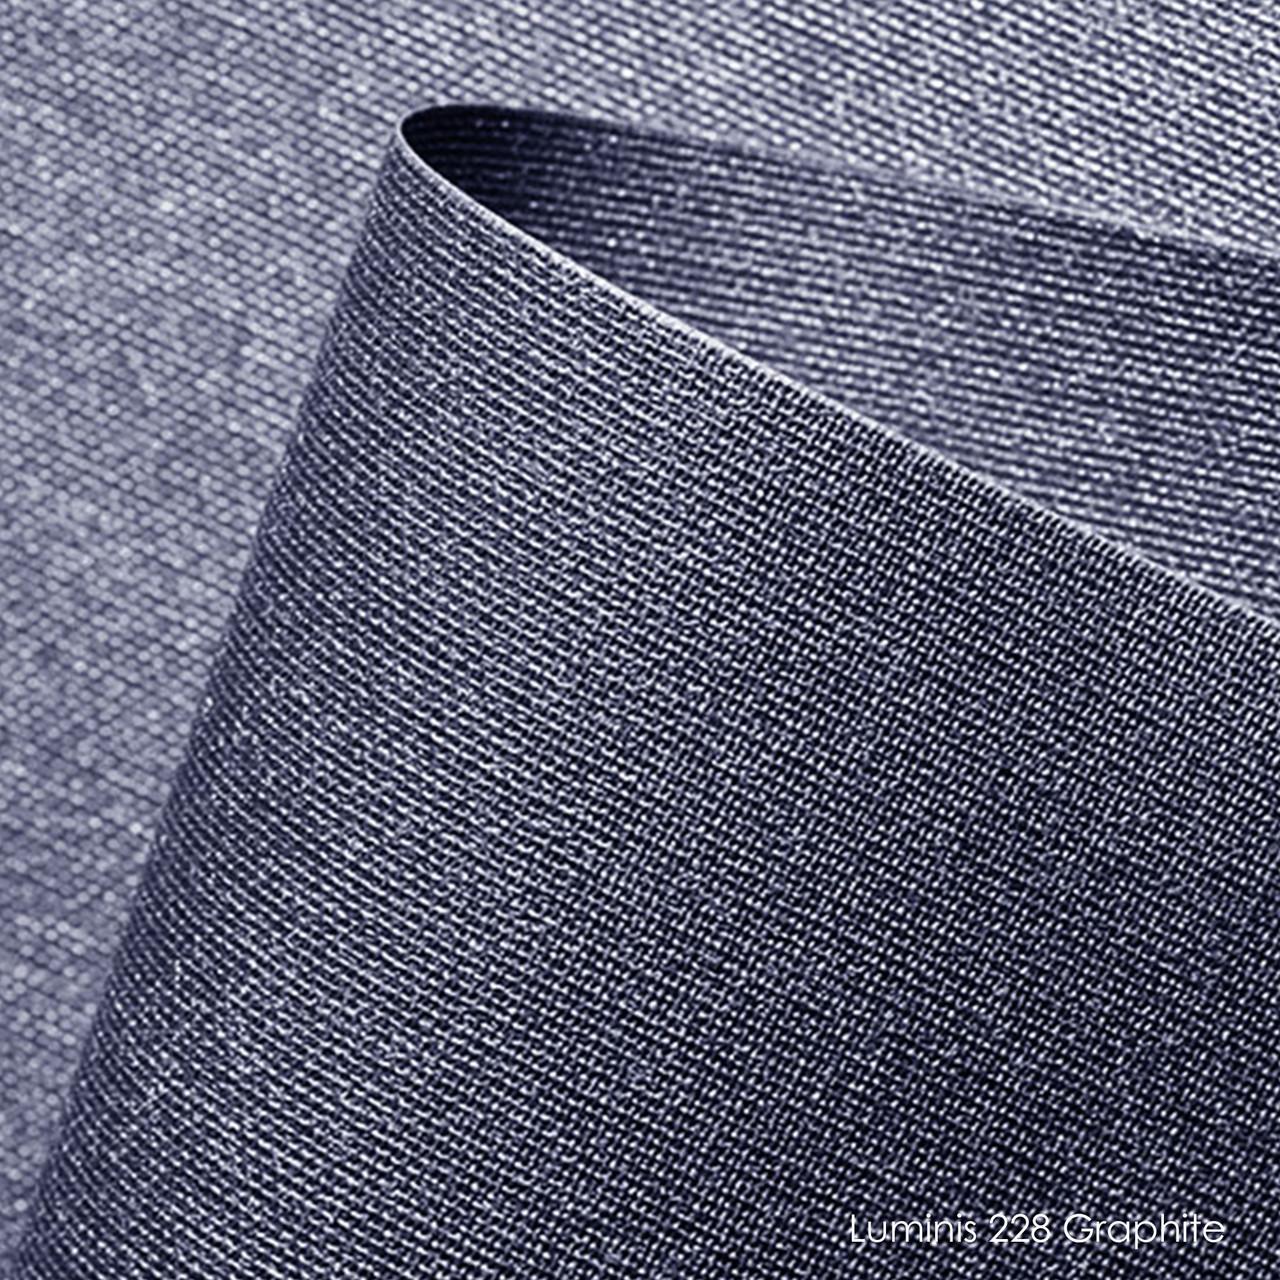 Luminis-228 graphite